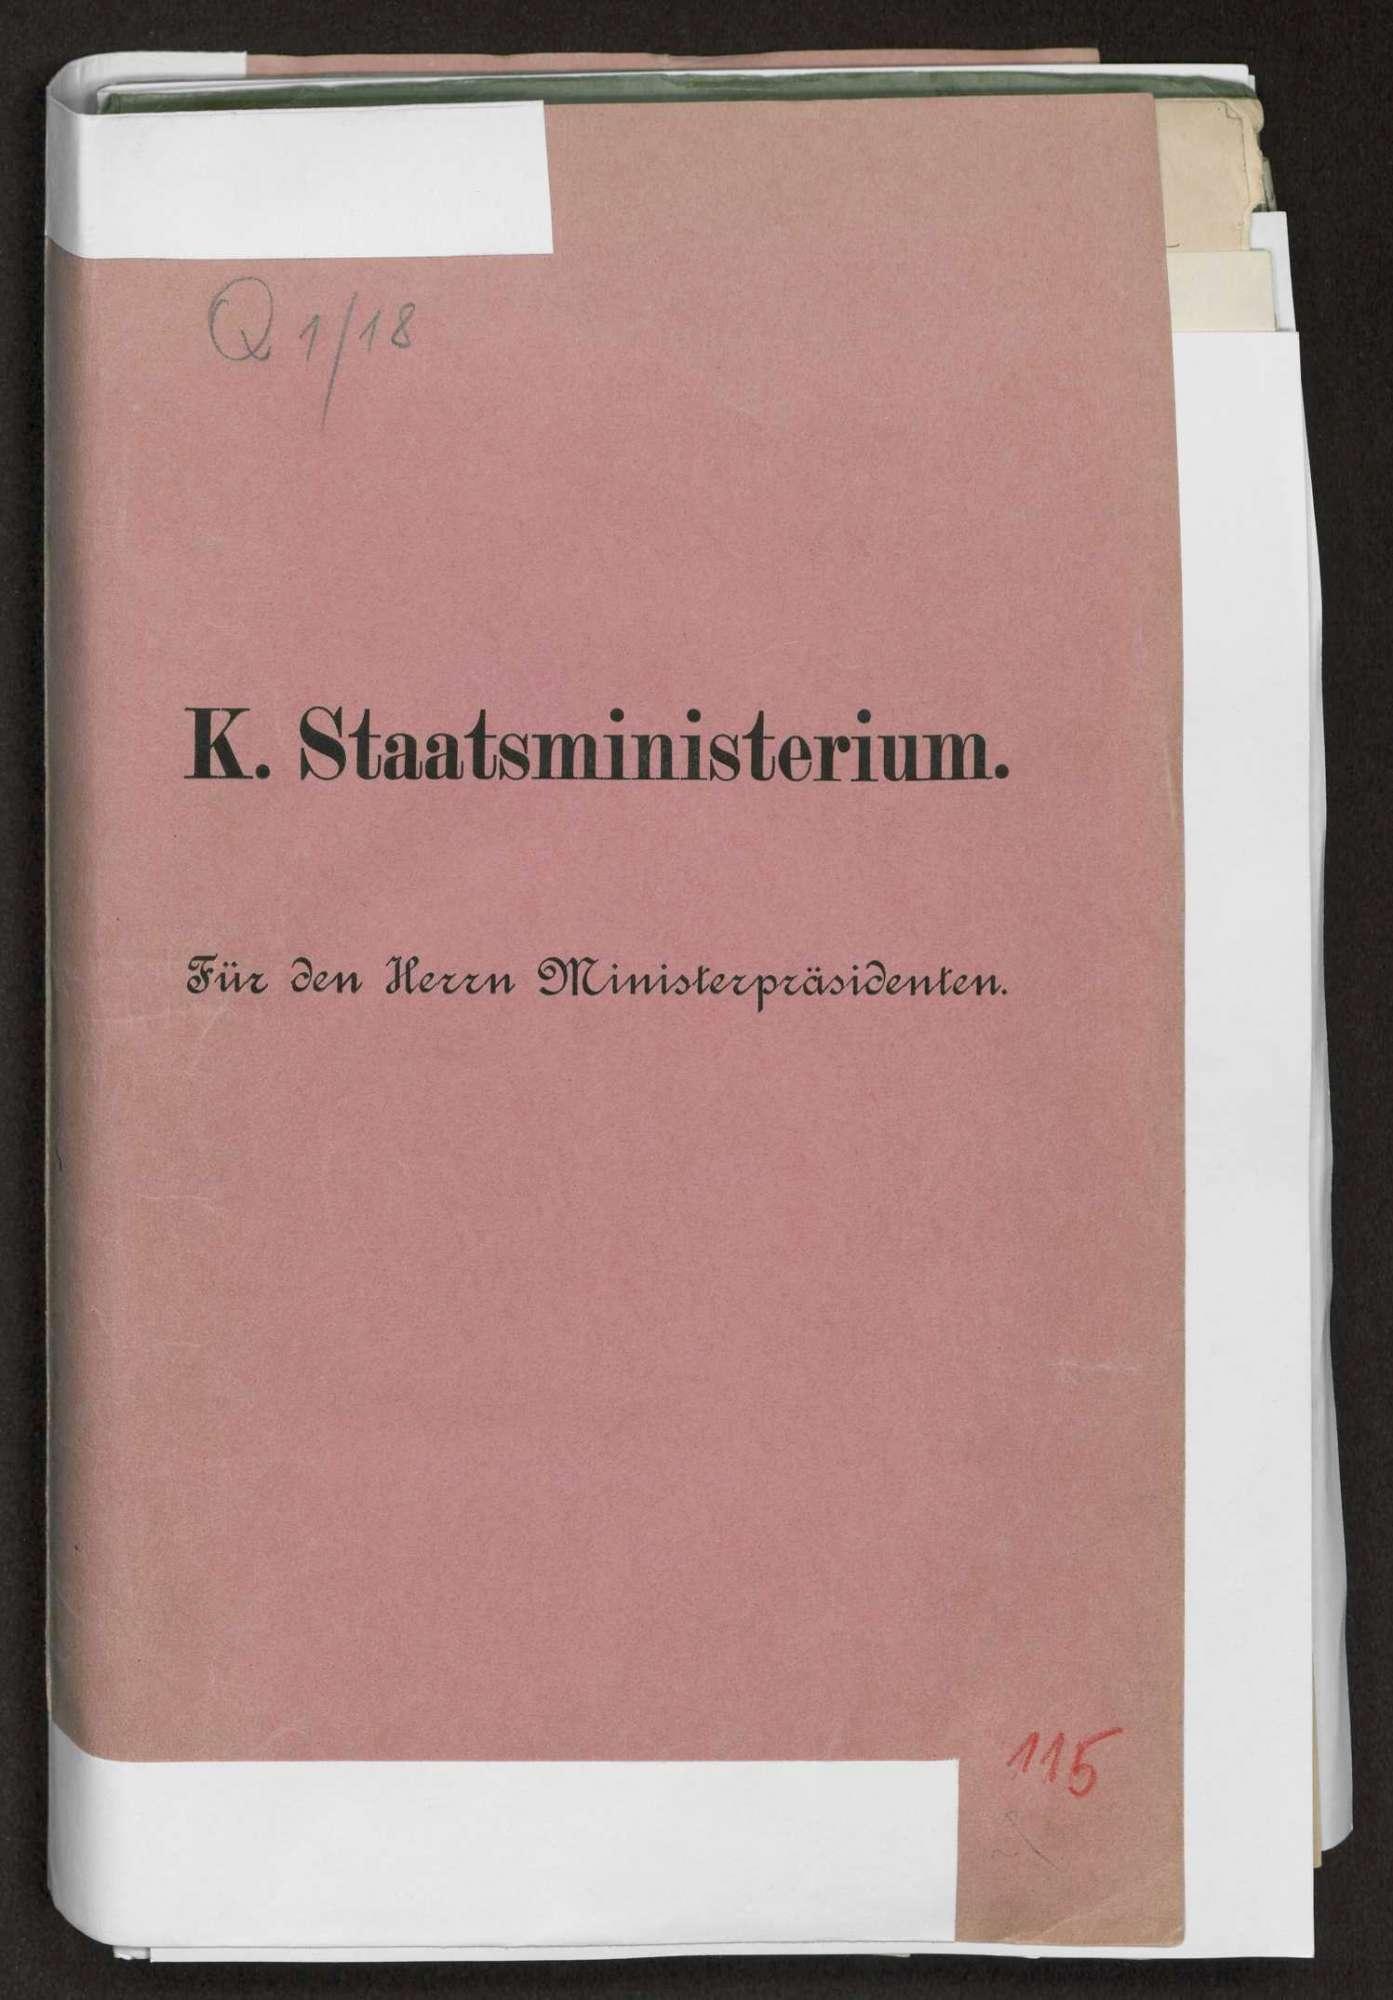 Berichte des württembergischen Gesandten in Berlin v. Varnbüler an Weizsäcker, Bild 1